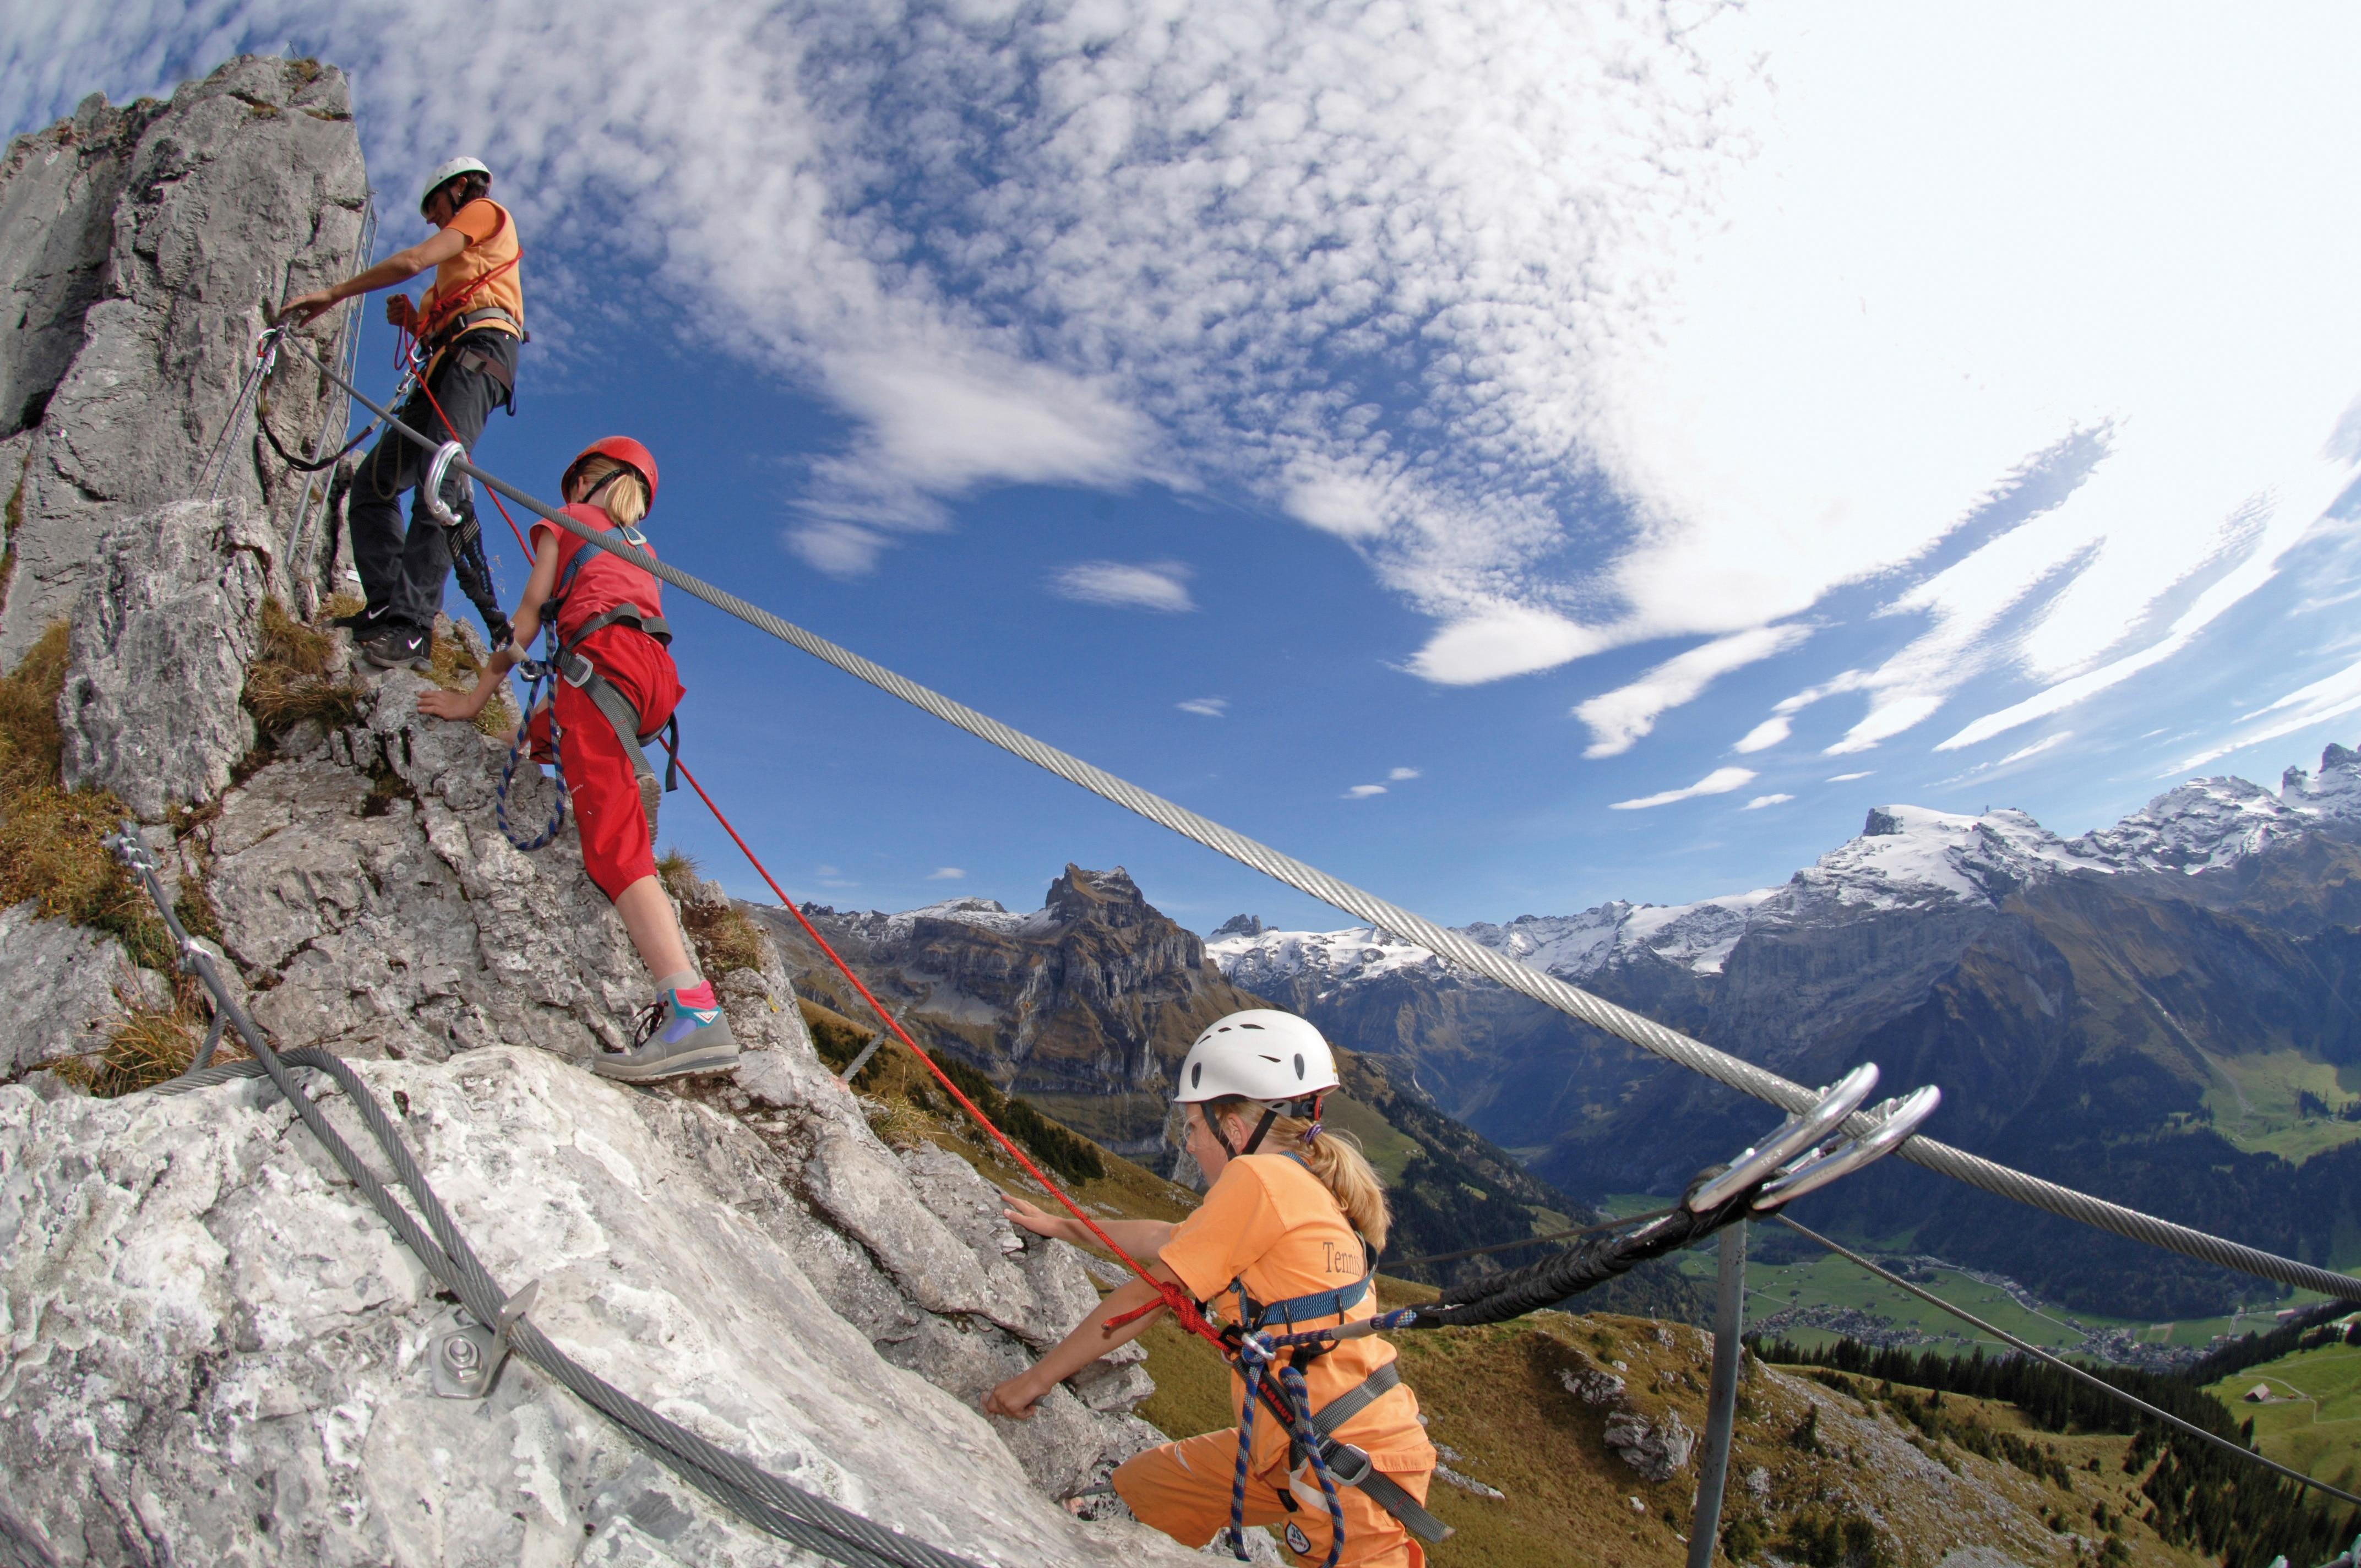 Klettersteig Engelberg : Klettersteige klettersteig brunnistöckli km bergwelten